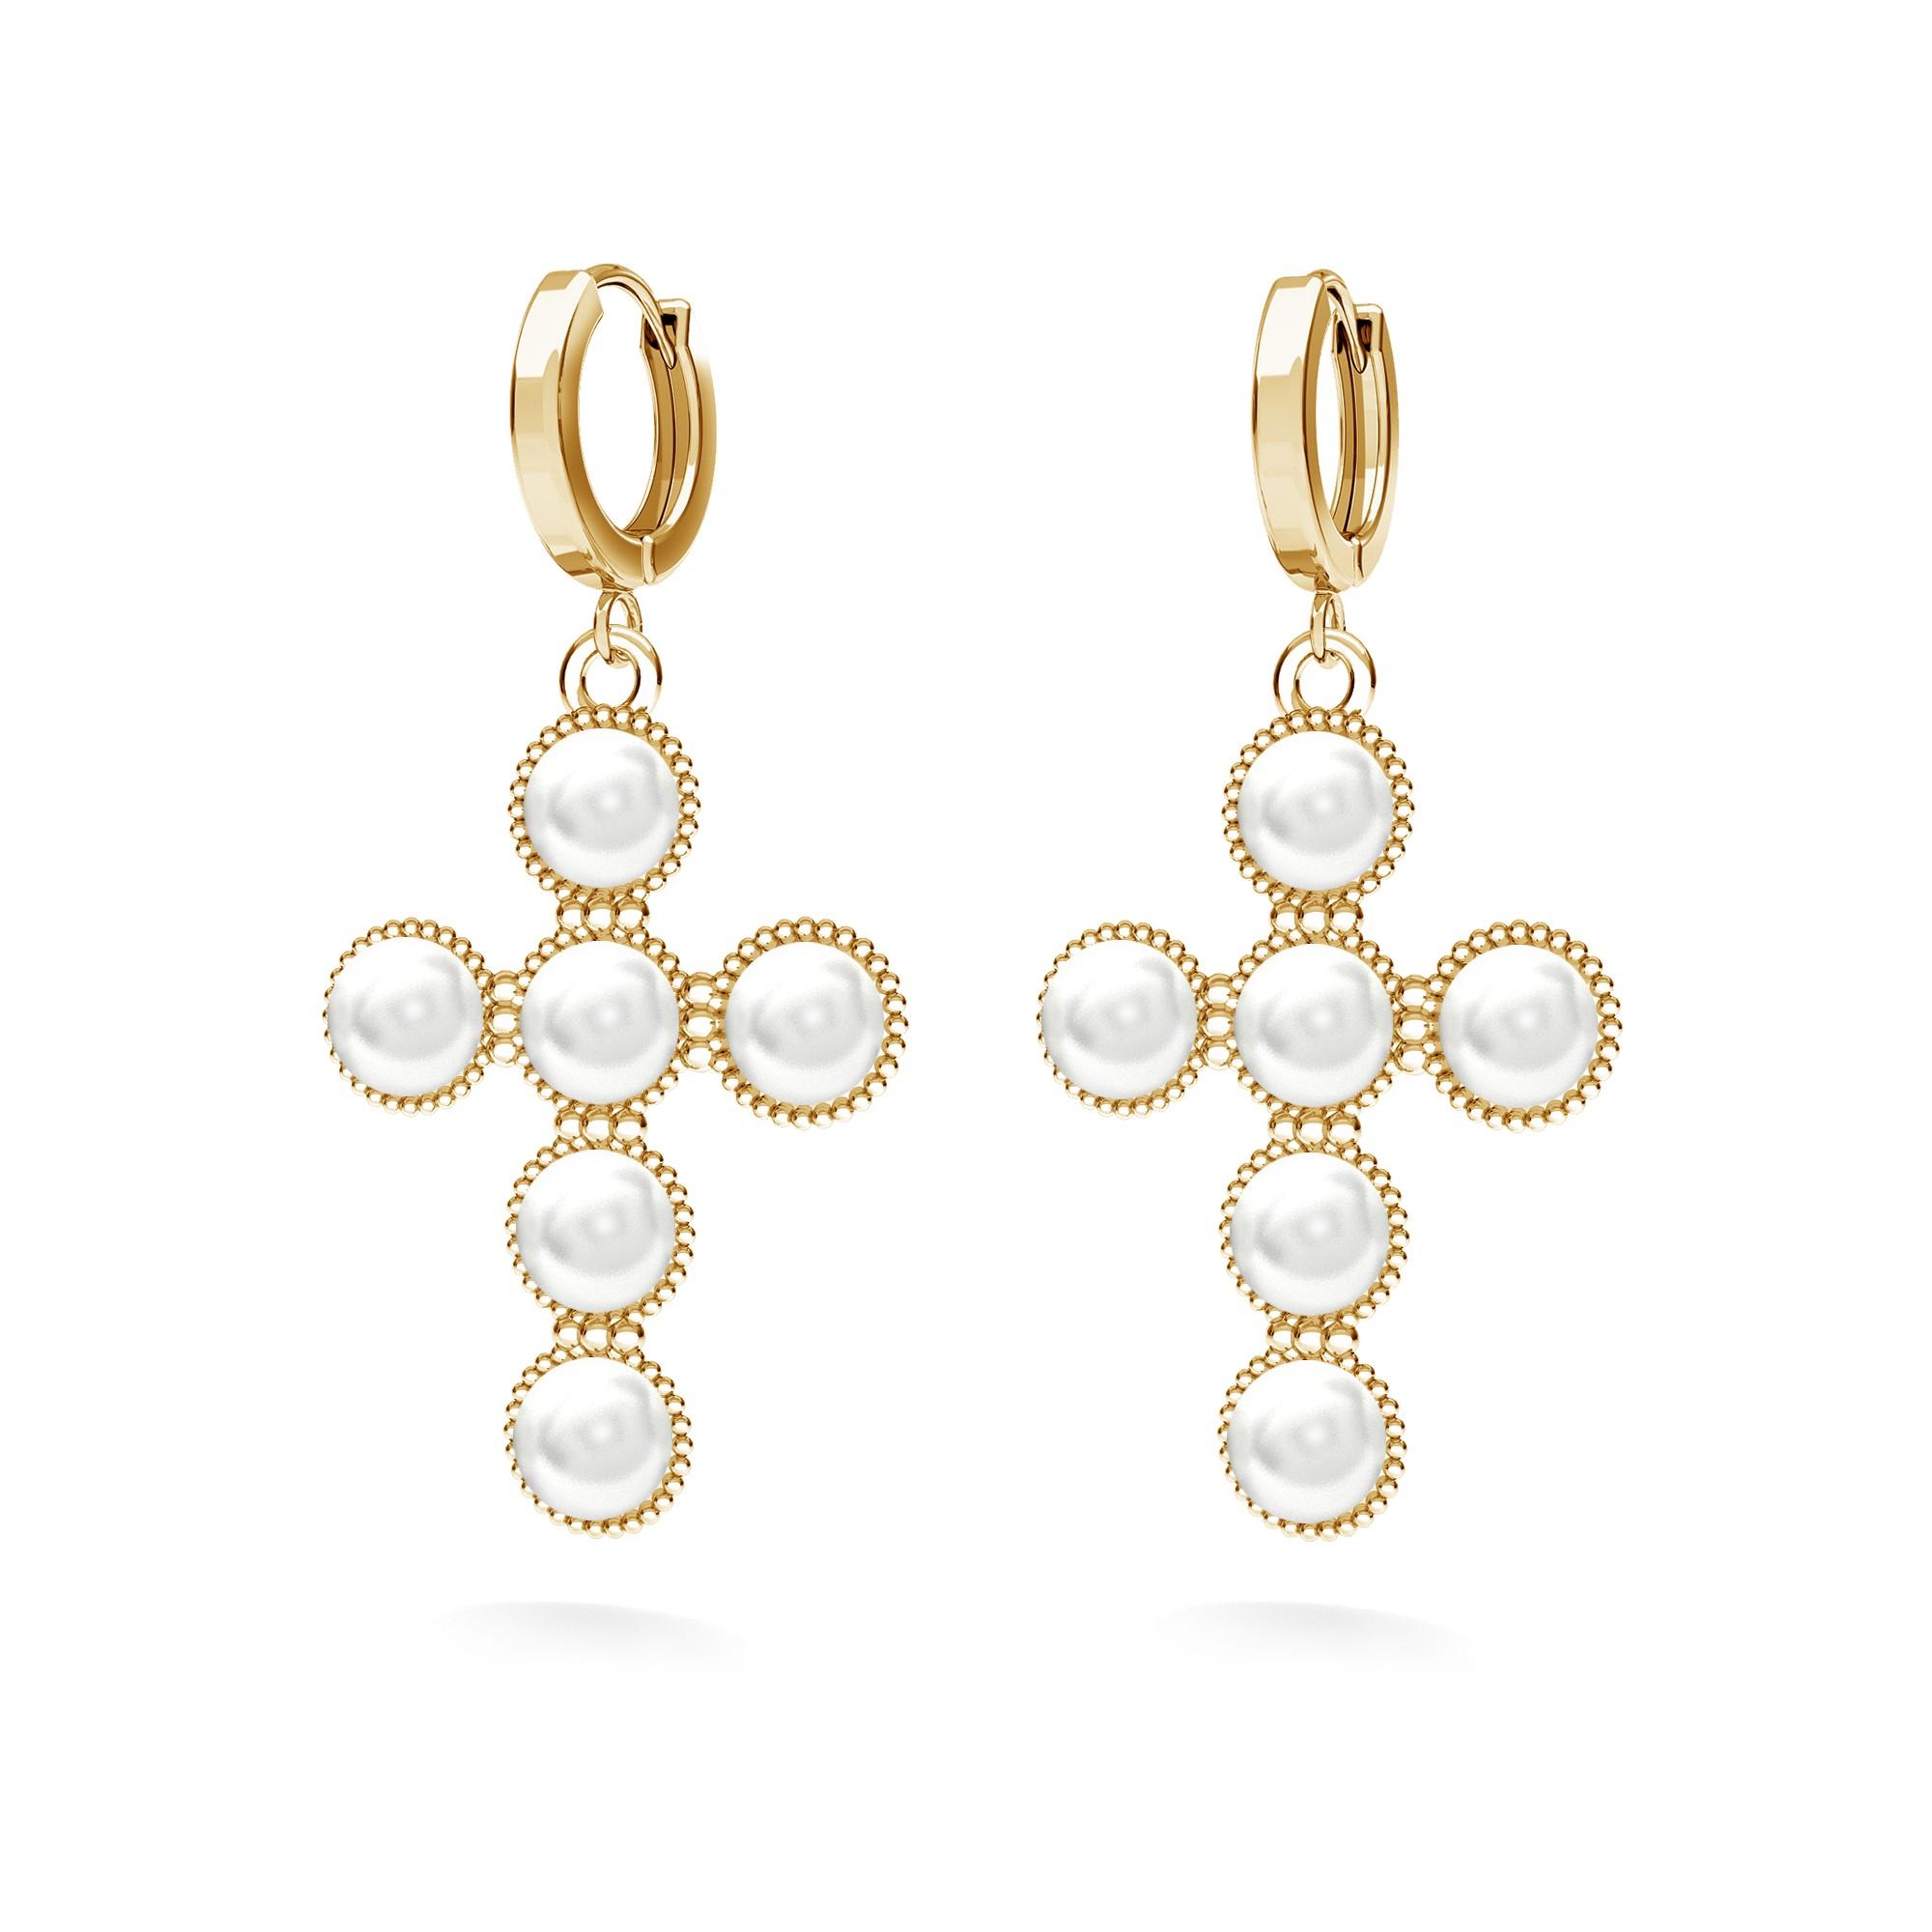 Kolczyki krzyżyk z perłami Swarovskiego